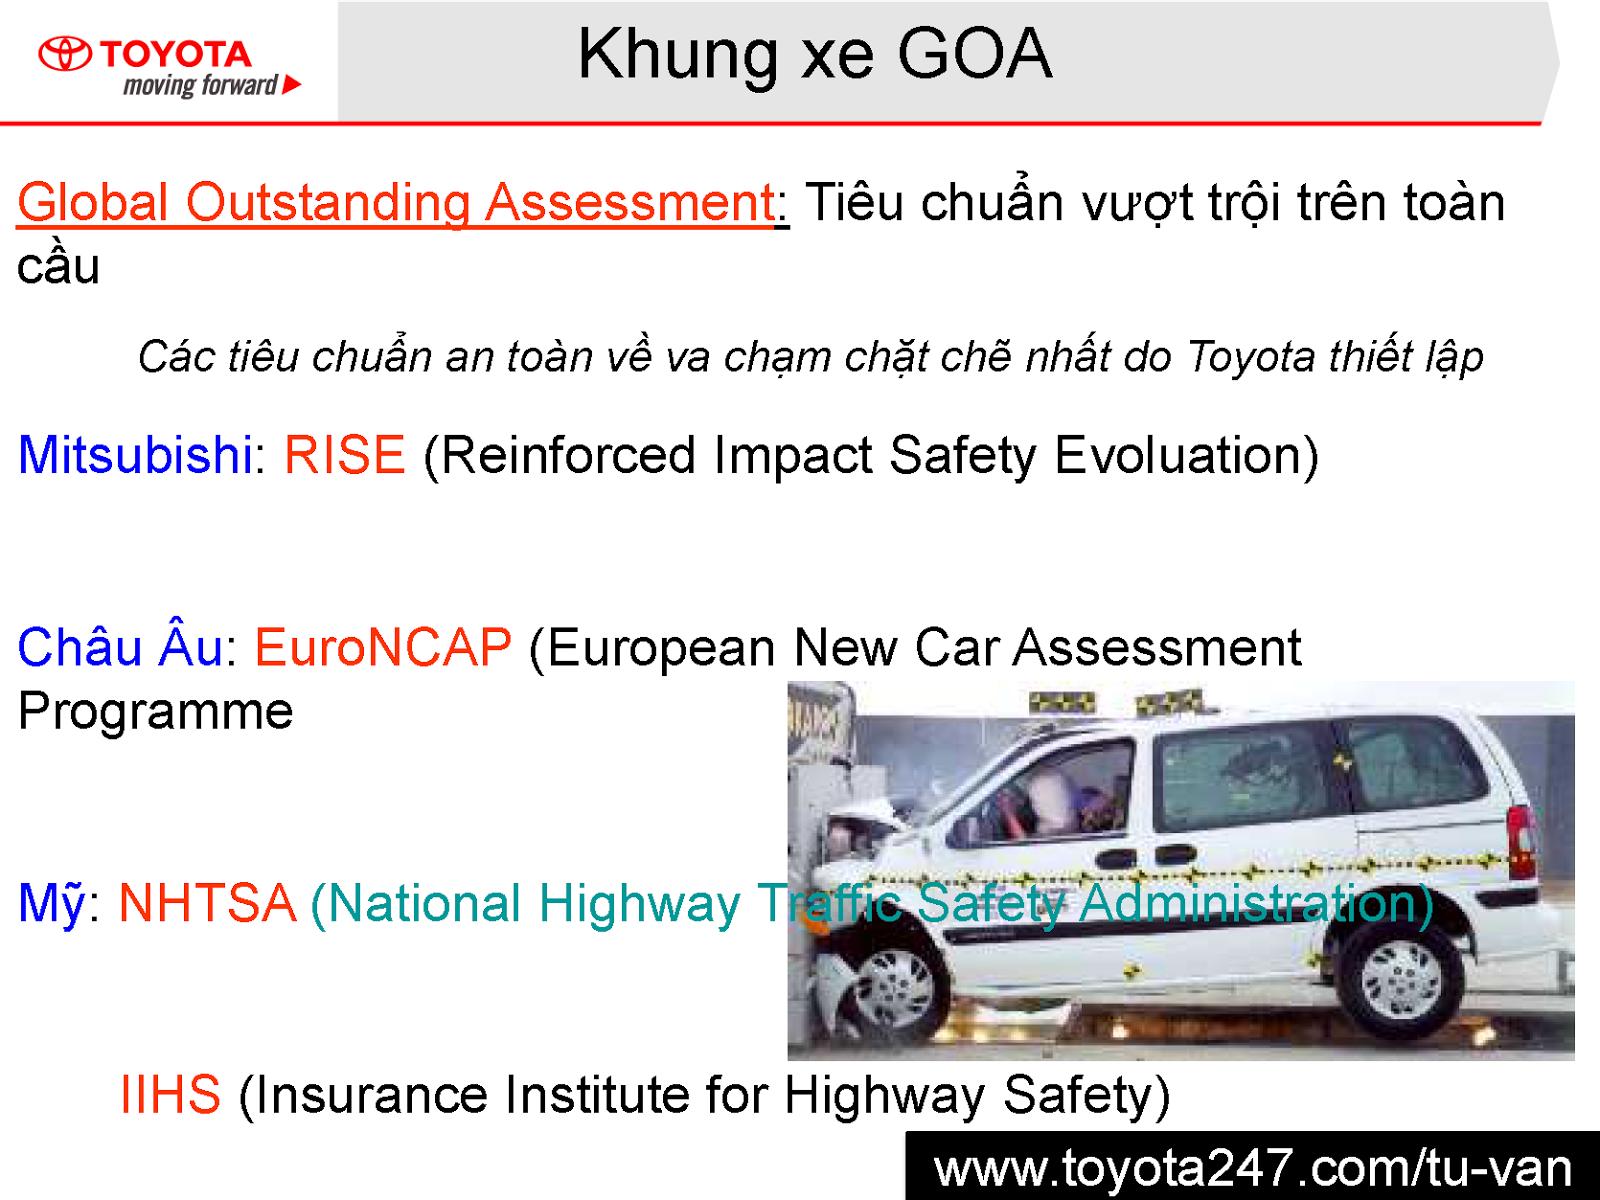 Khung xe Goa nổi tiếng của Toyota